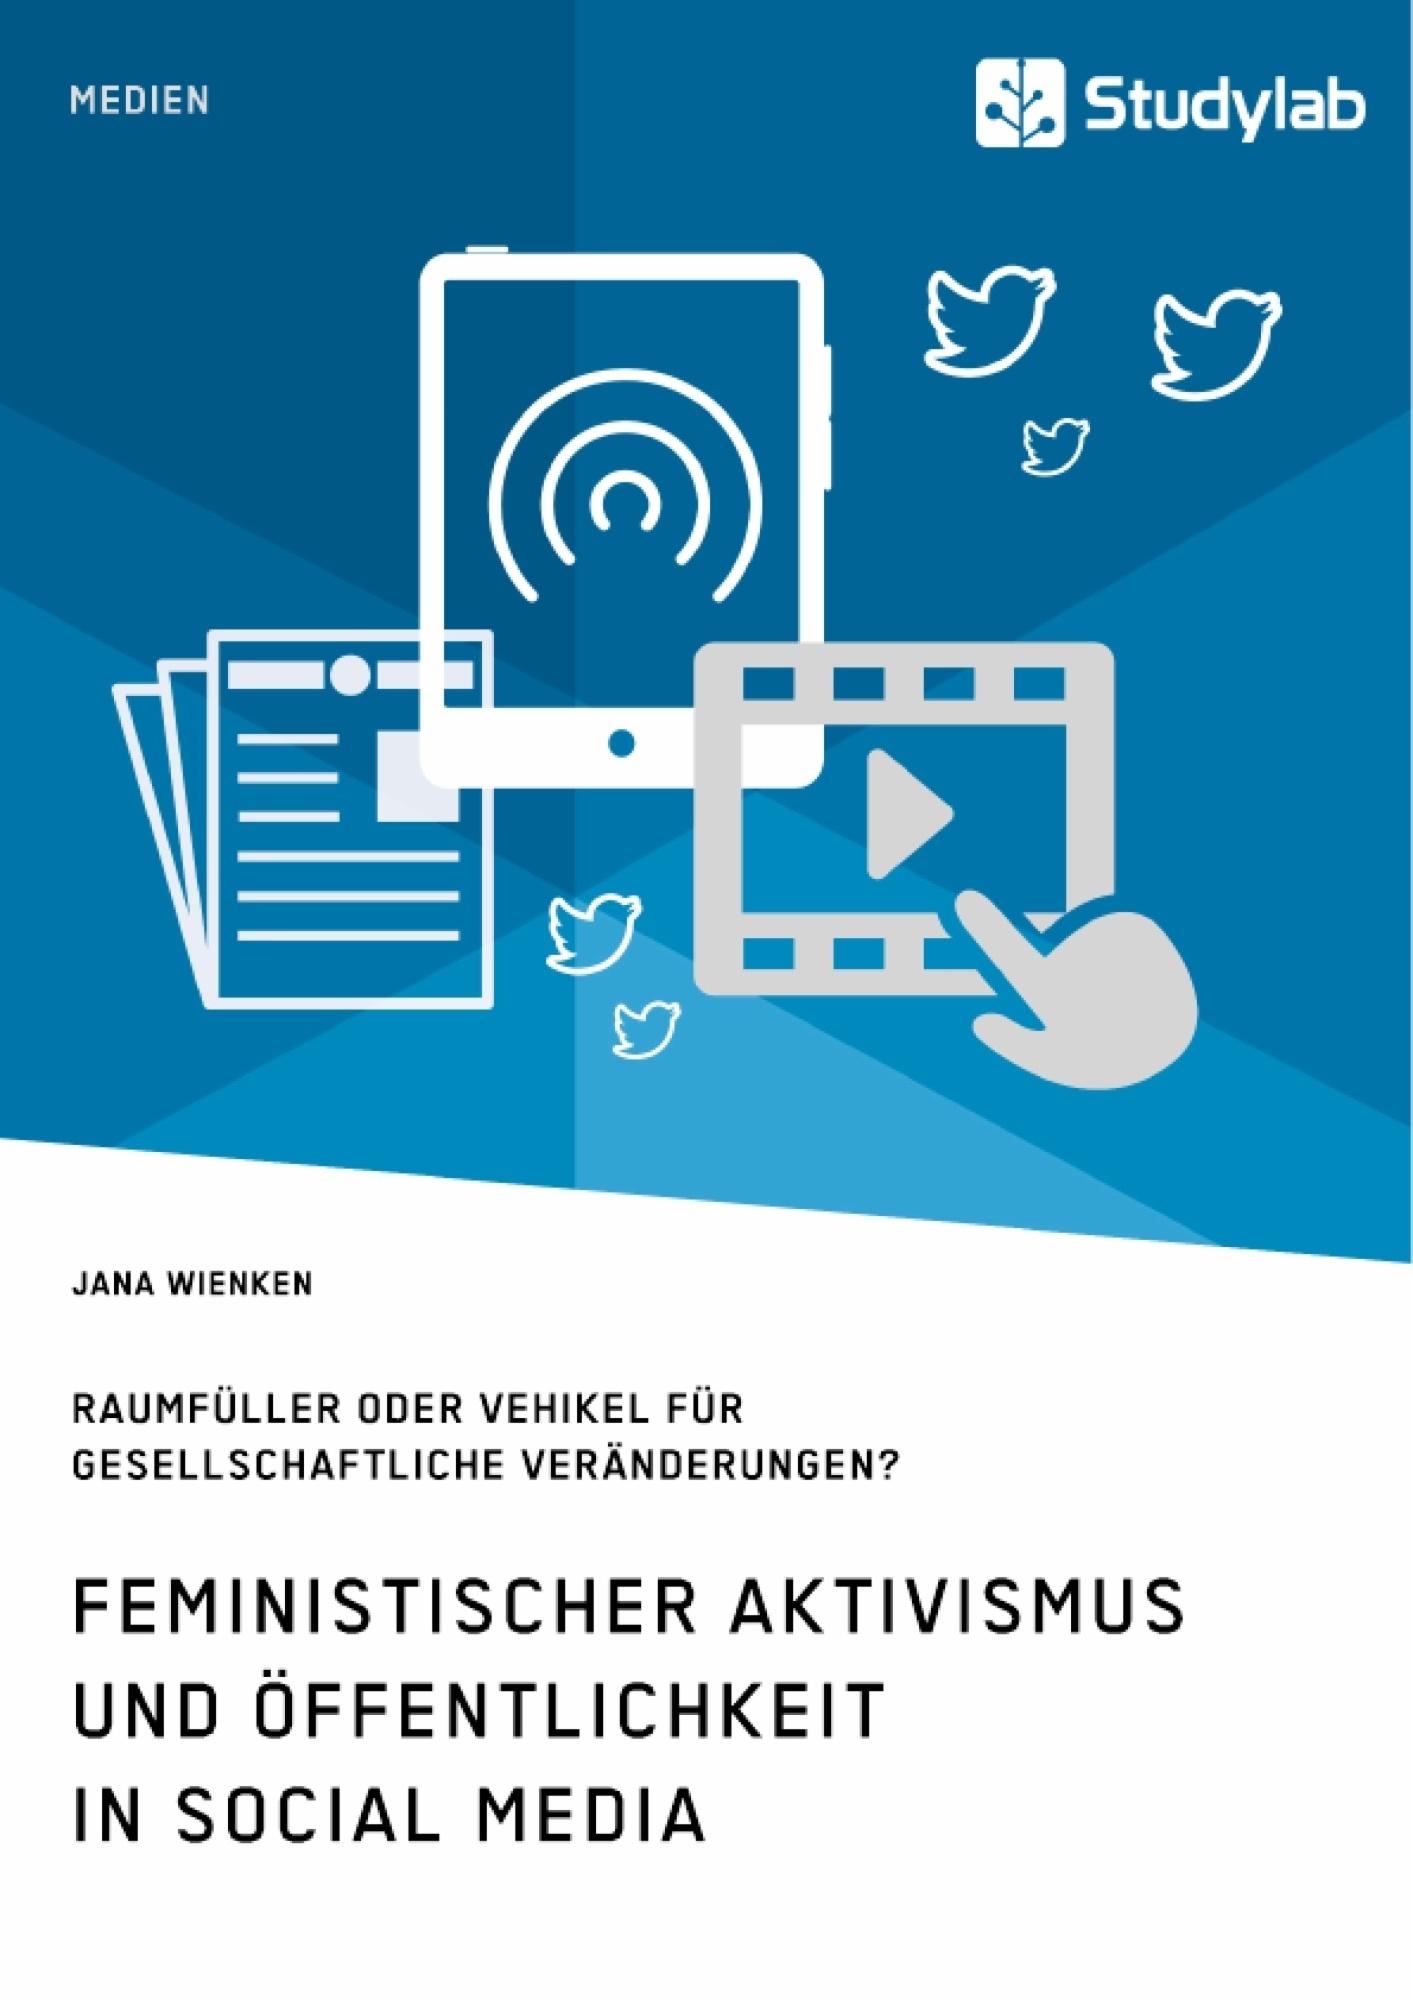 Titel: Feministischer Aktivismus und Öffentlichkeit in Social Media. Raumfüller oder Vehikel für gesellschaftliche Veränderungen?